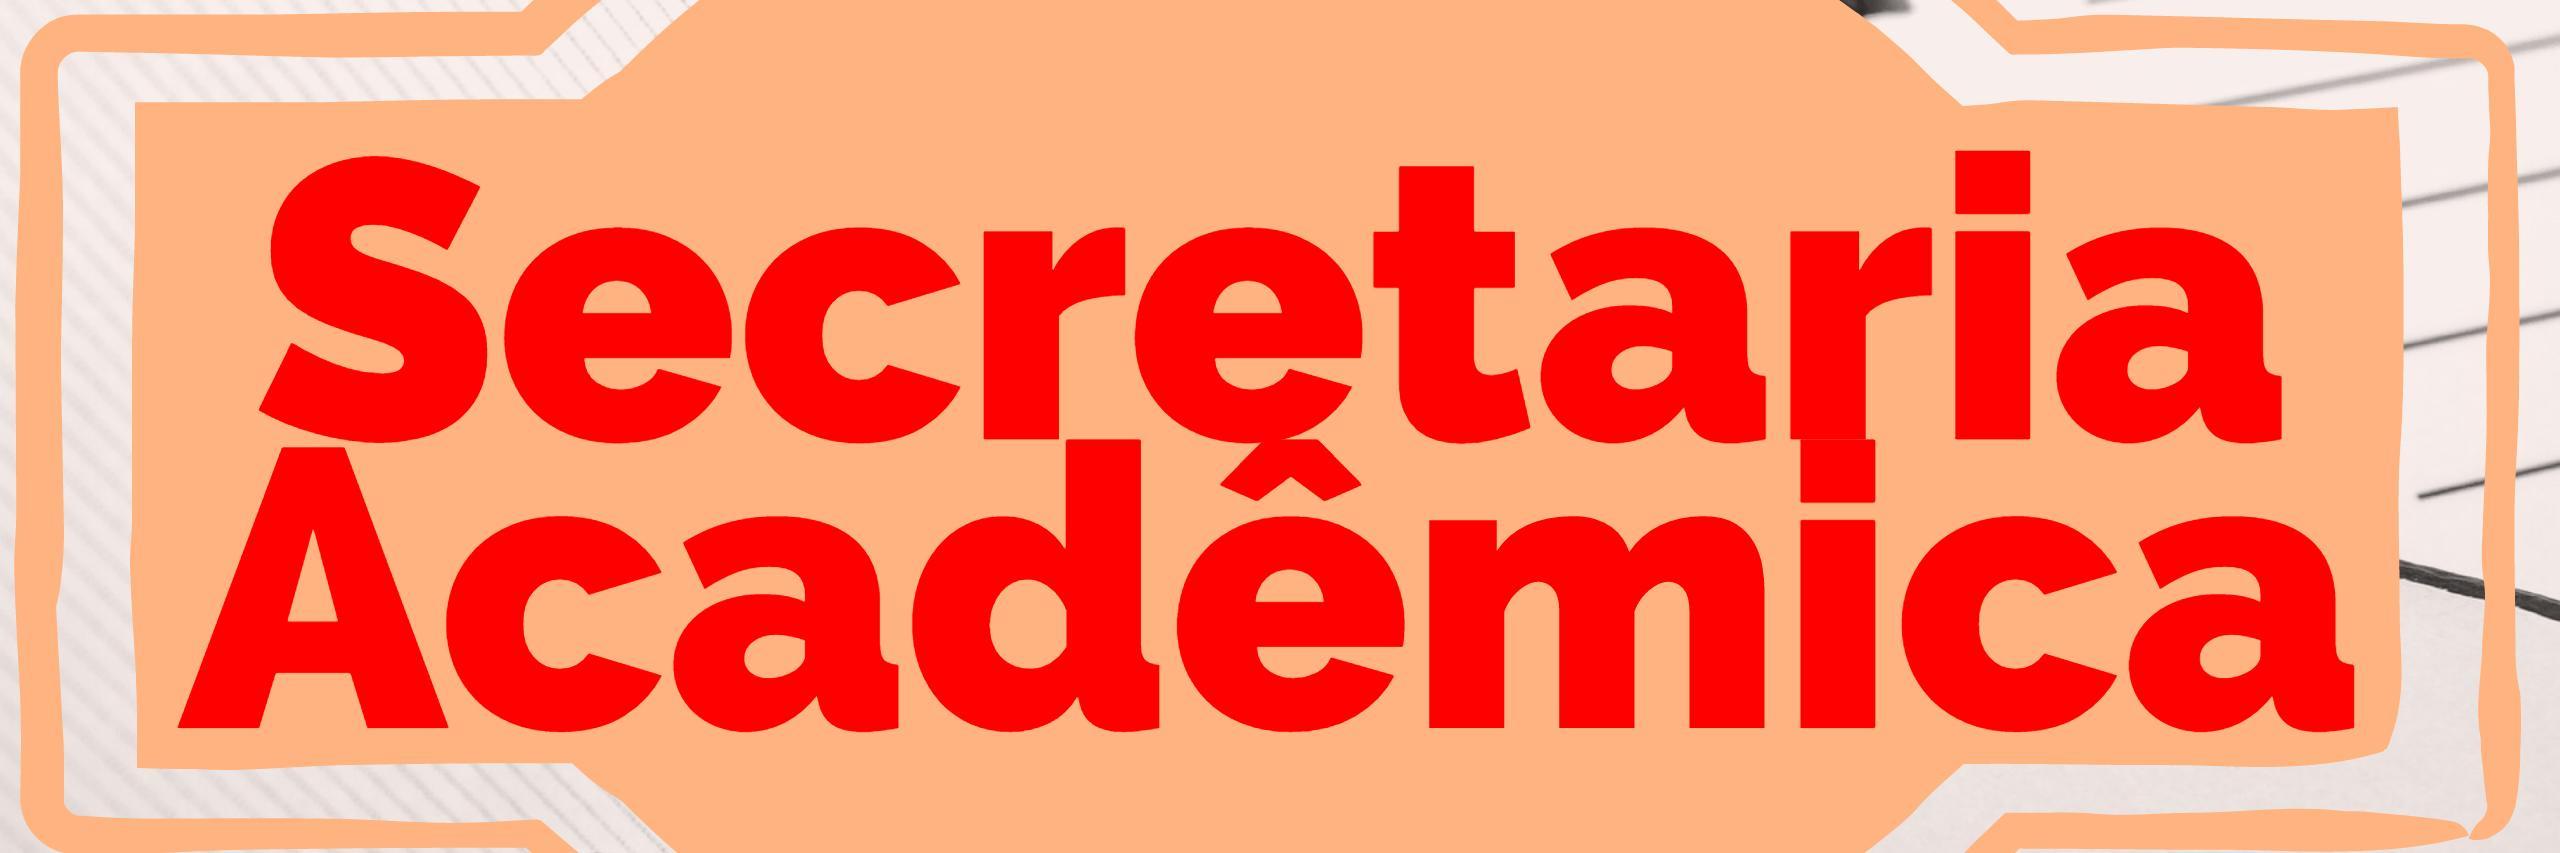 Secretaria Acadêmica: Informações, documentos e serviços para o estudante.